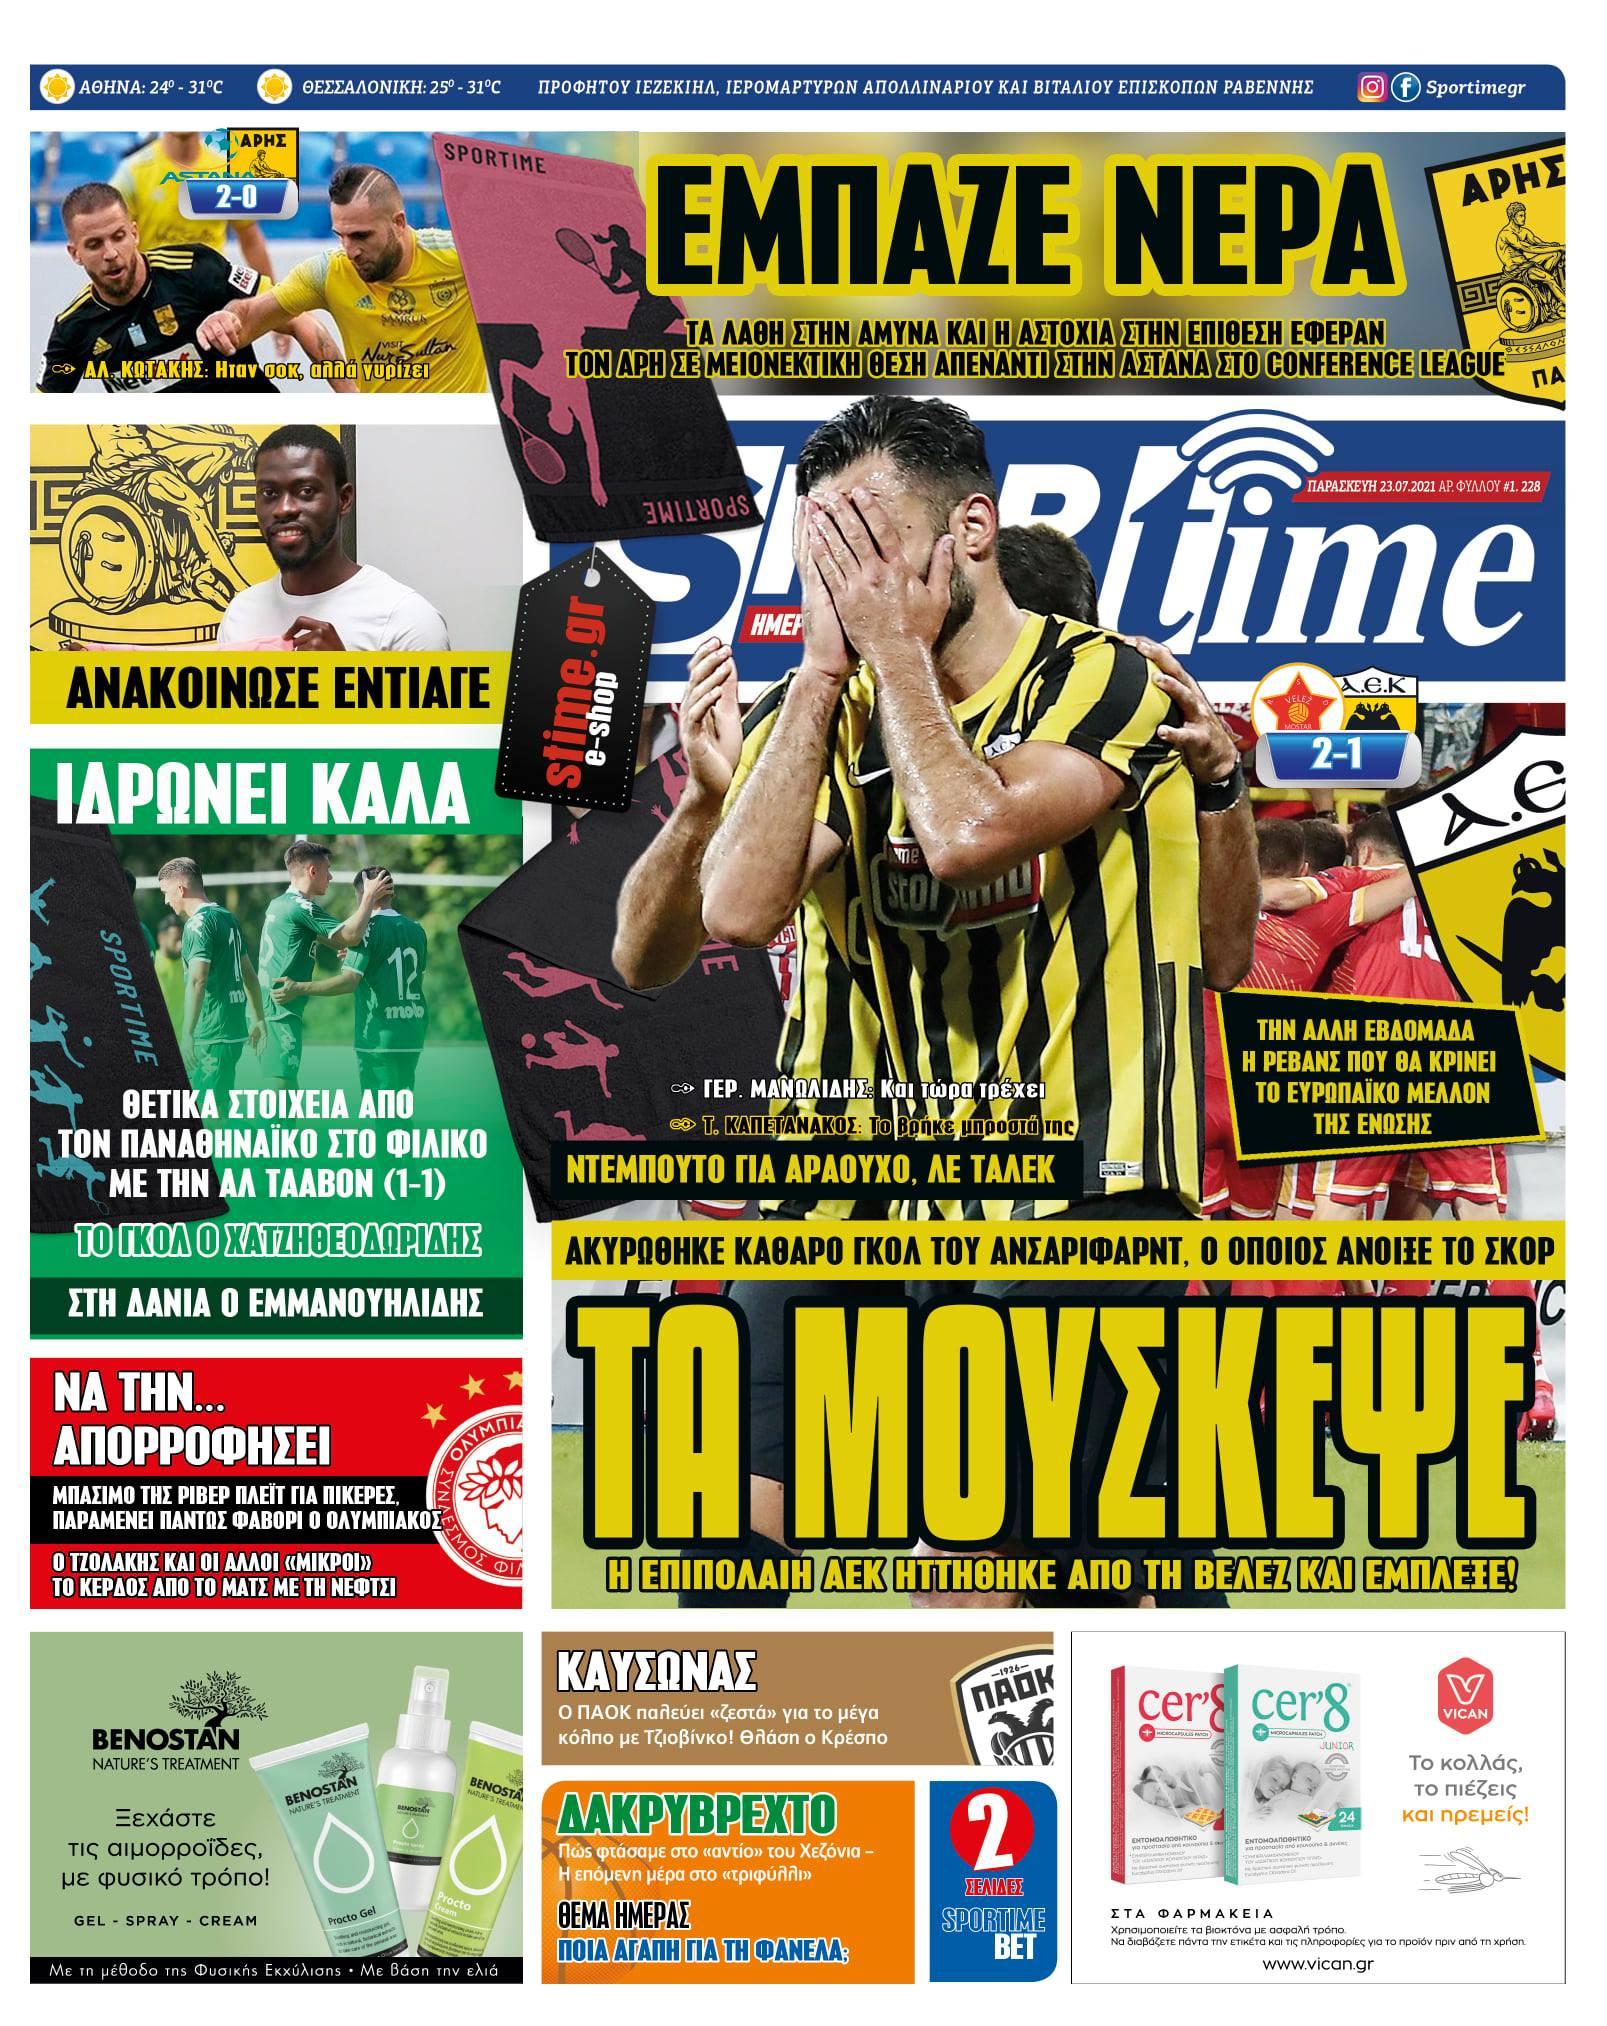 Εφημερίδα SPORTIME - Εξώφυλλο φύλλου 23/7/2021